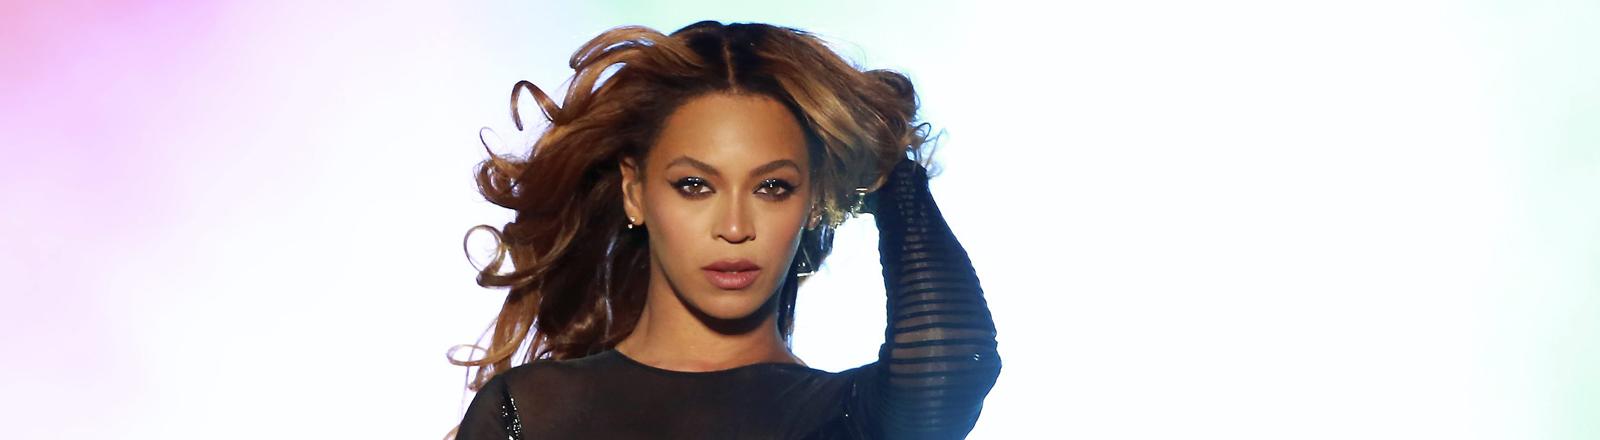 Beyoncé bei einem Auftritt im Stade de France am 13. September 2014